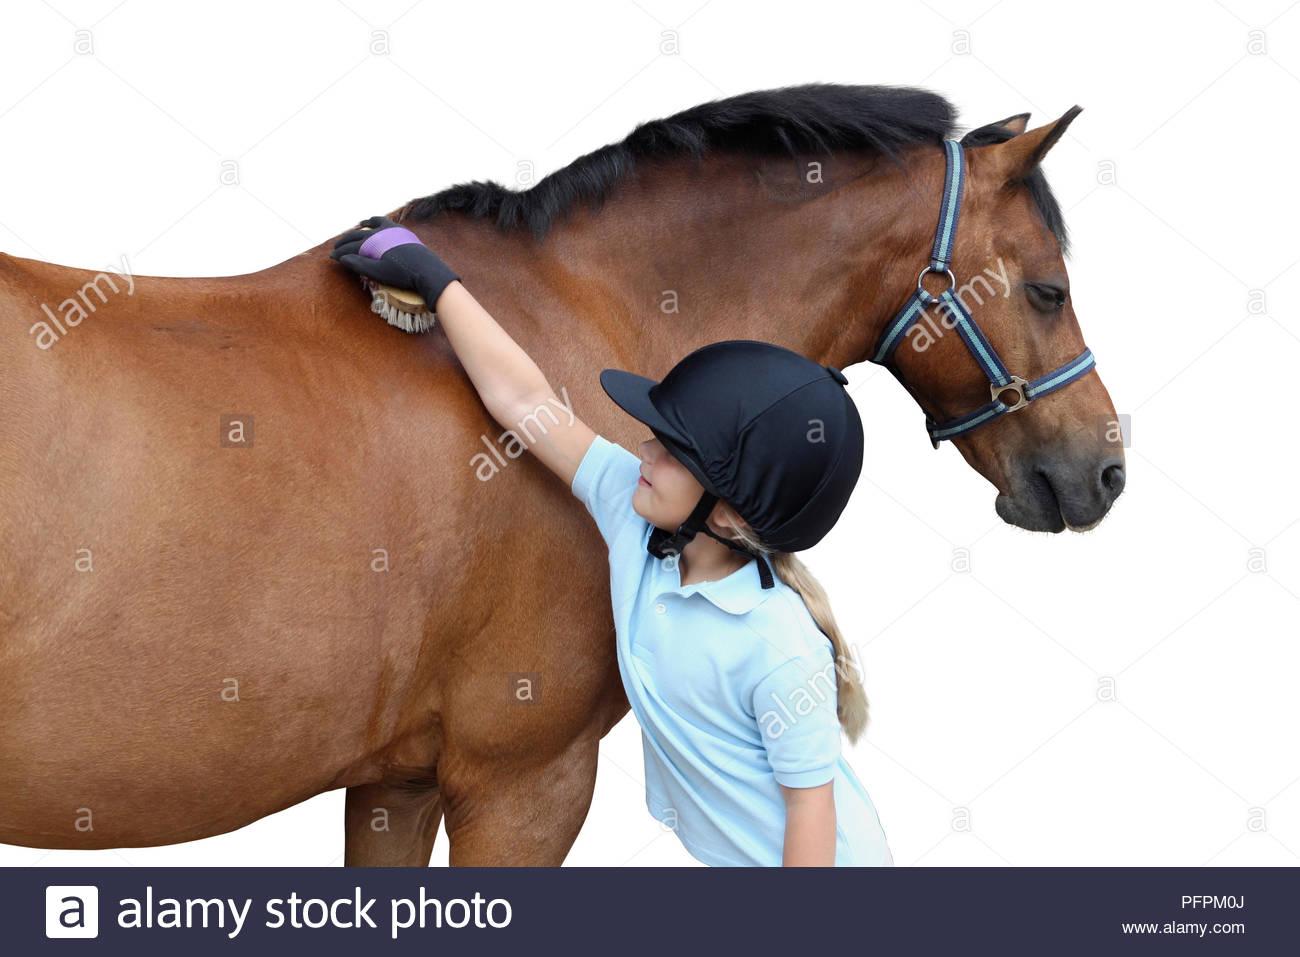 Girl brushing horse's coat - Stock Image